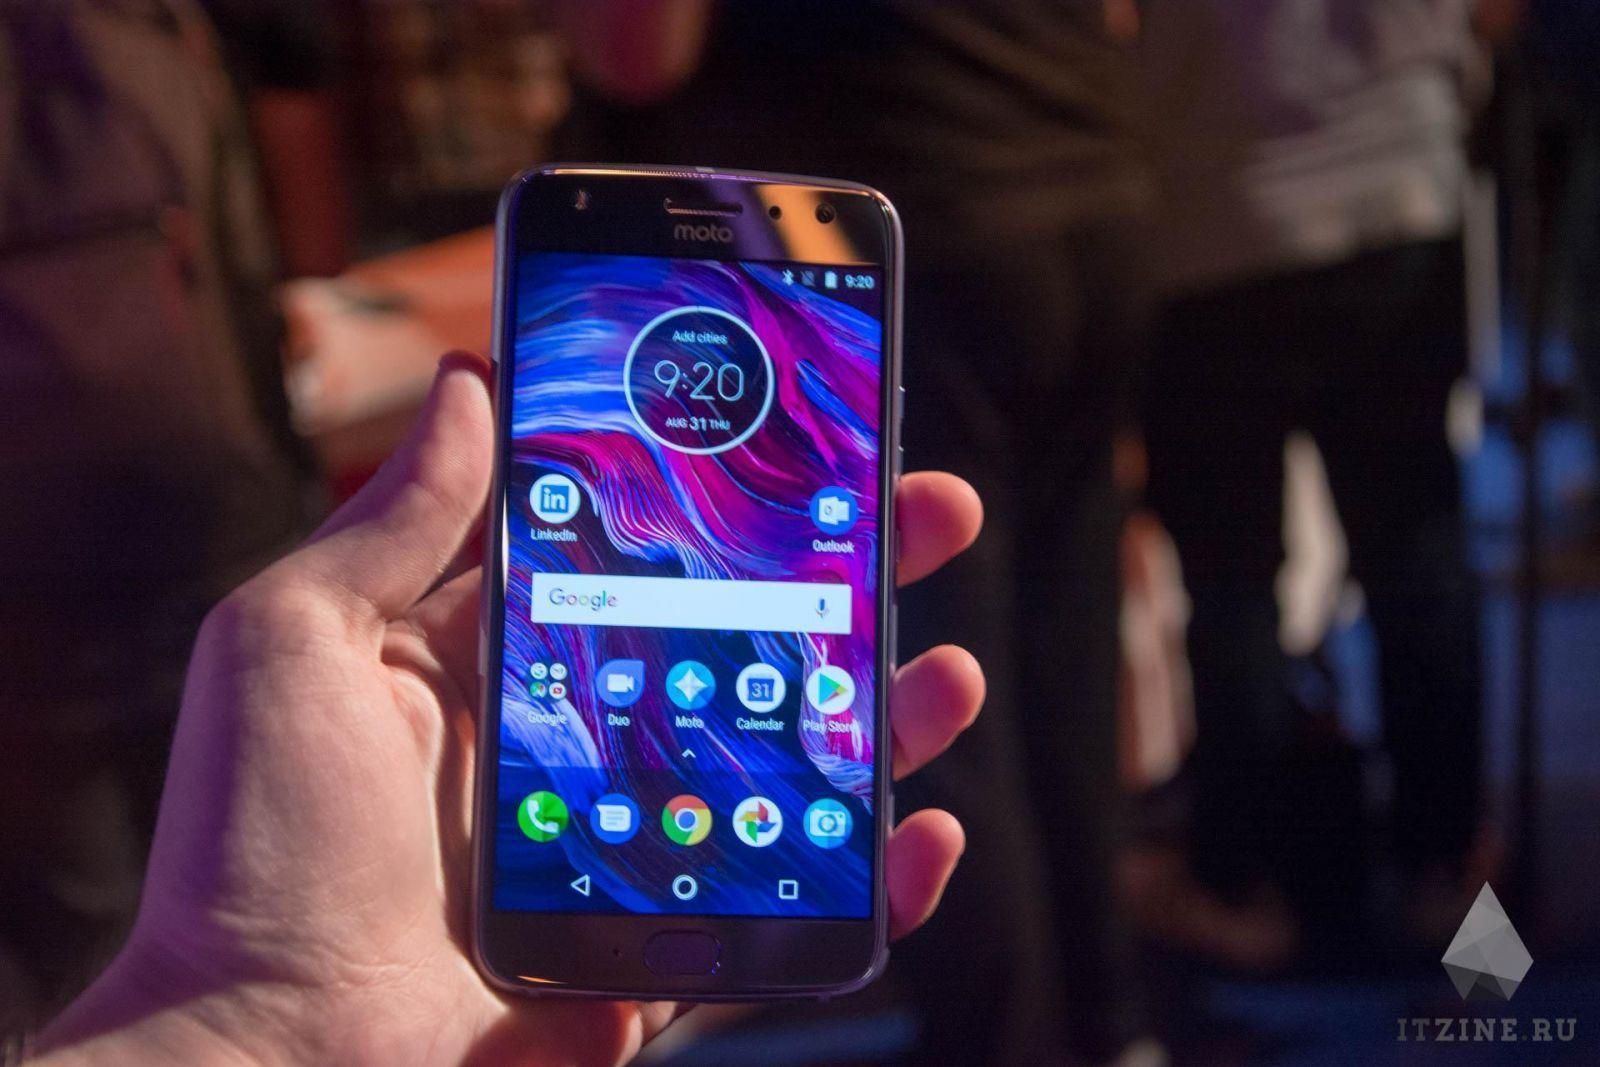 DSC 4726 2 - 3 лучших смартфона на IFA 2017